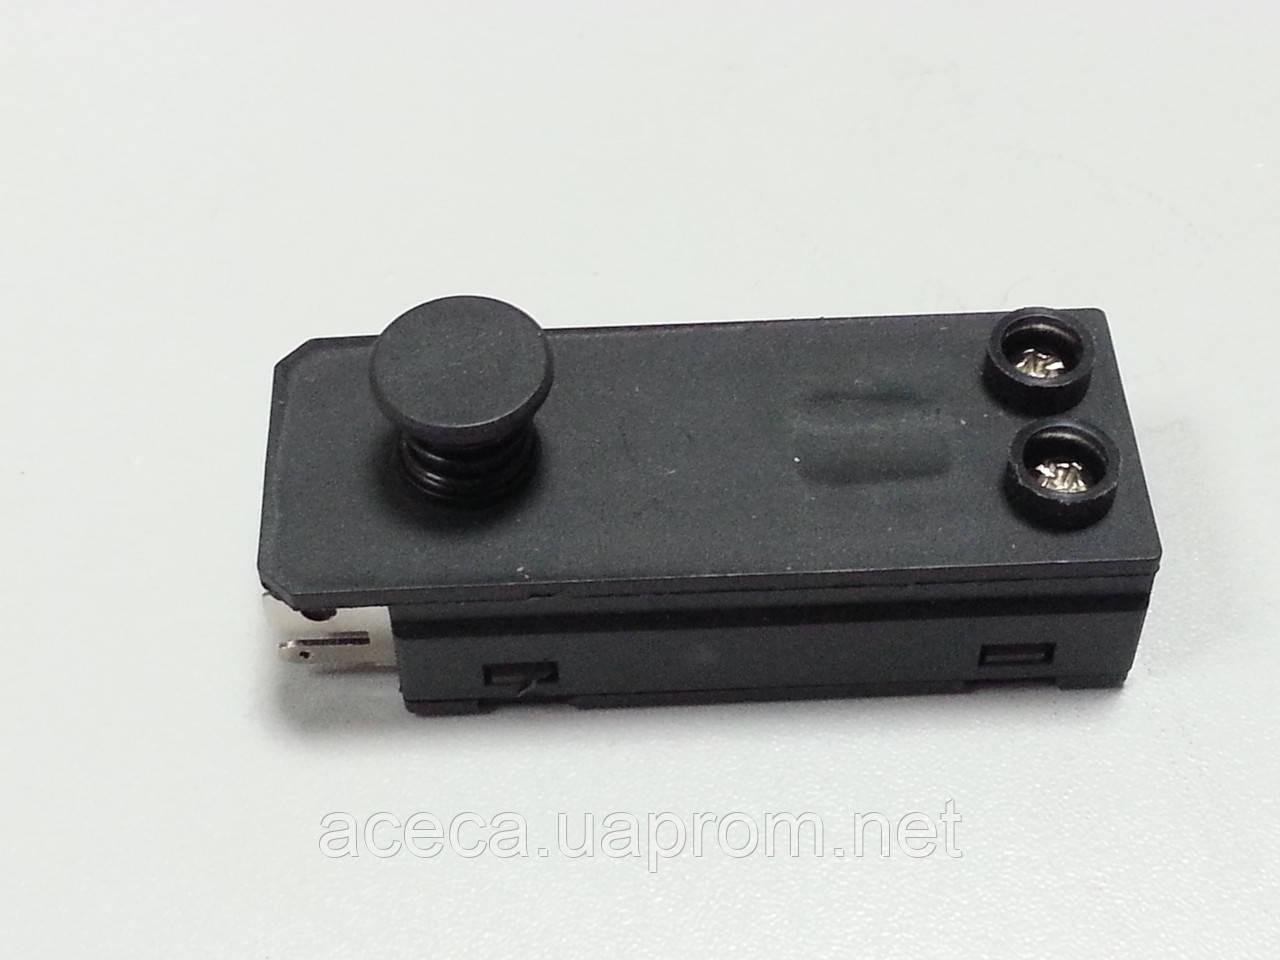 Кнопка отбойный молотк Bosch 11-E